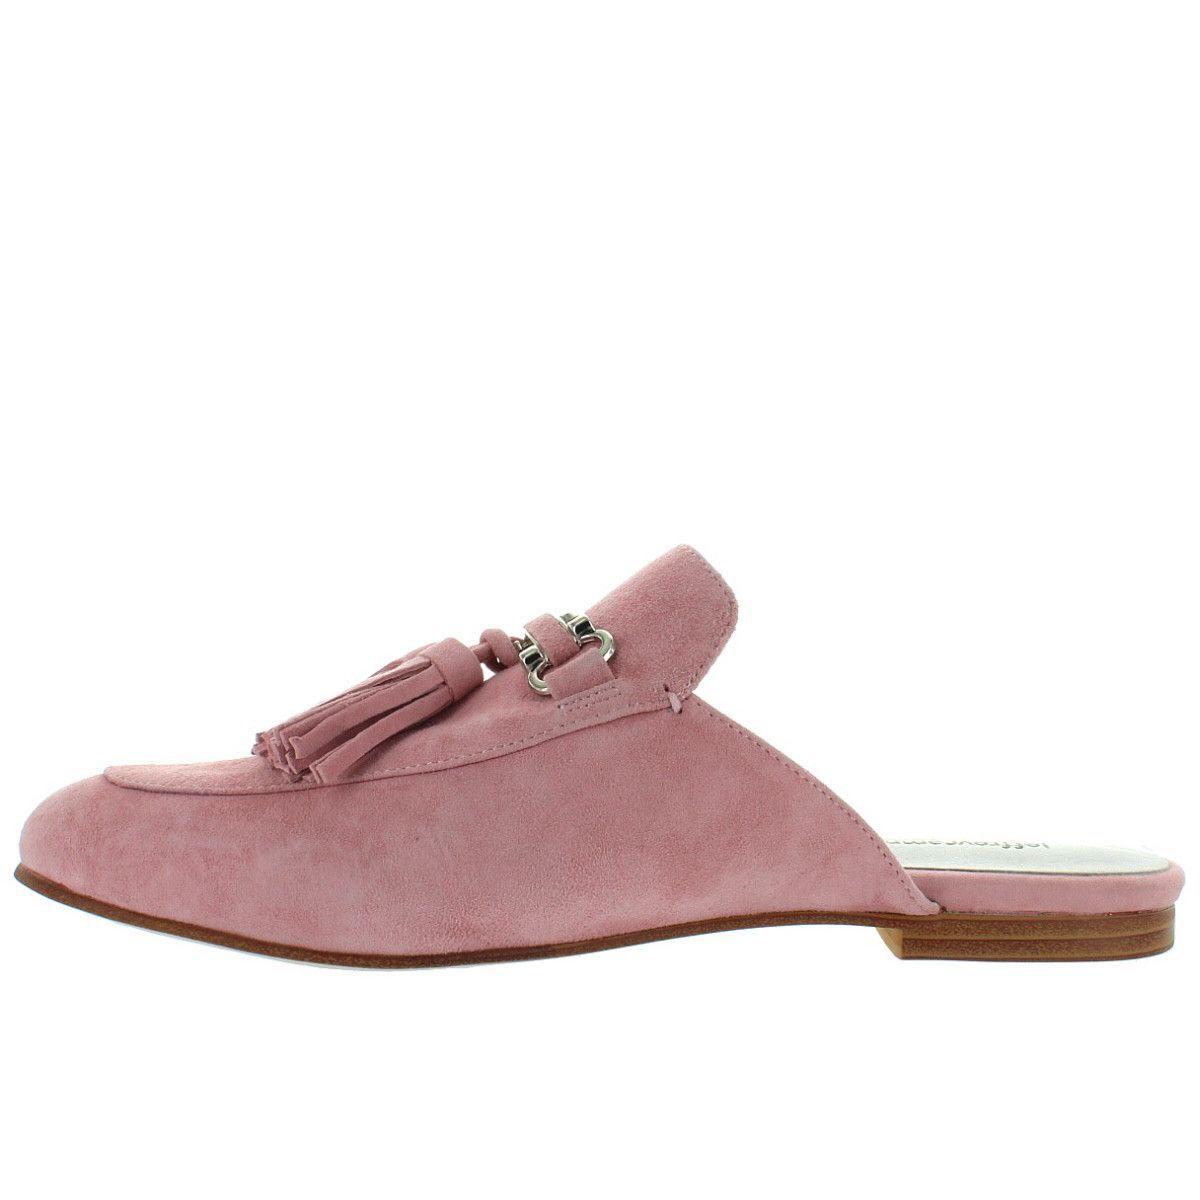 2a856f3c0fa Jeffrey Campbell Apfel - Blush Pink Suede Tassel Slide Loafer ...